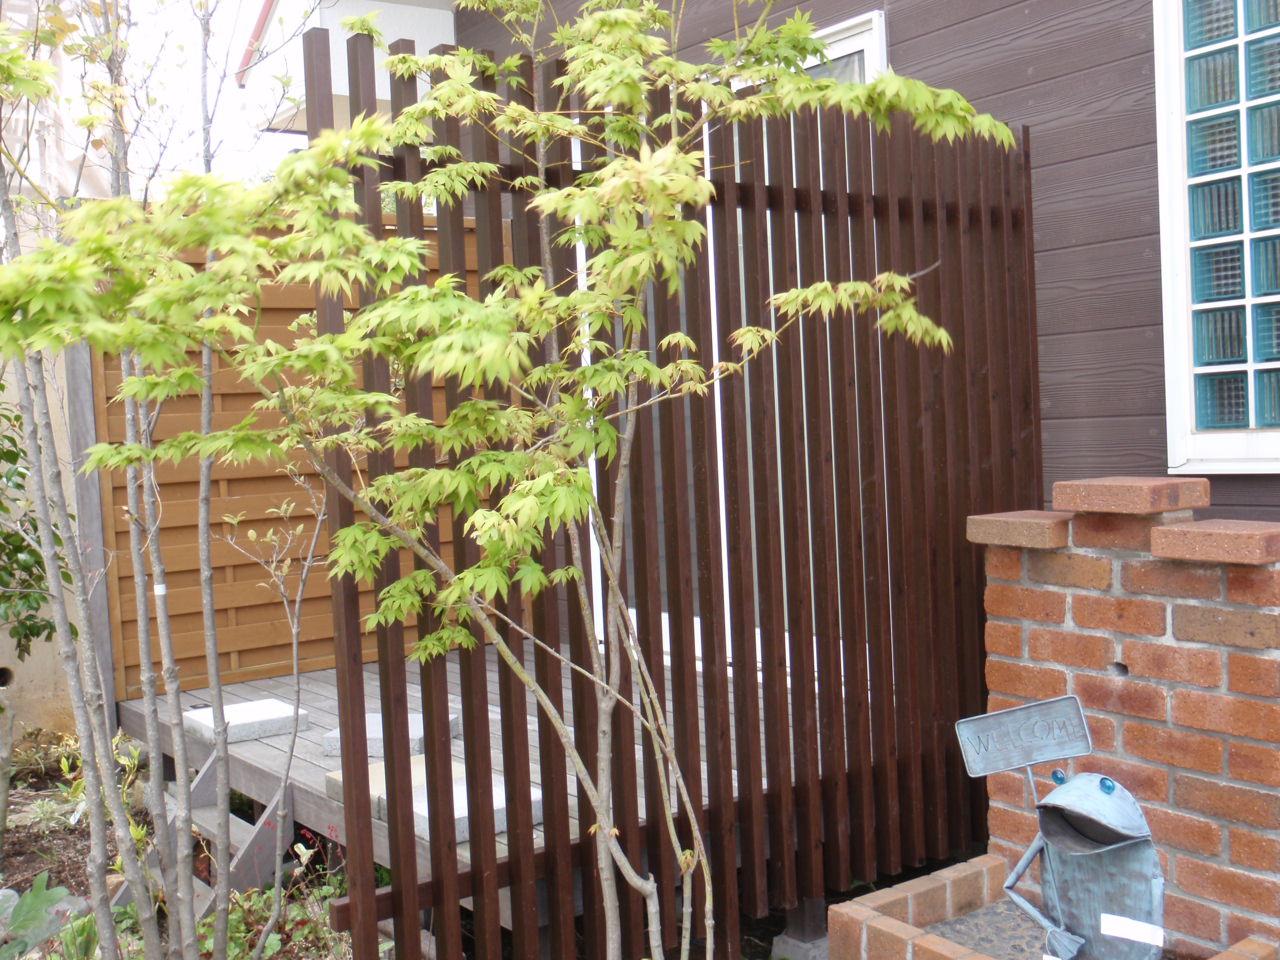 ガーデニングで楽しく目隠し♪適した植物、目隠しの方法を紹介!のサムネイル画像